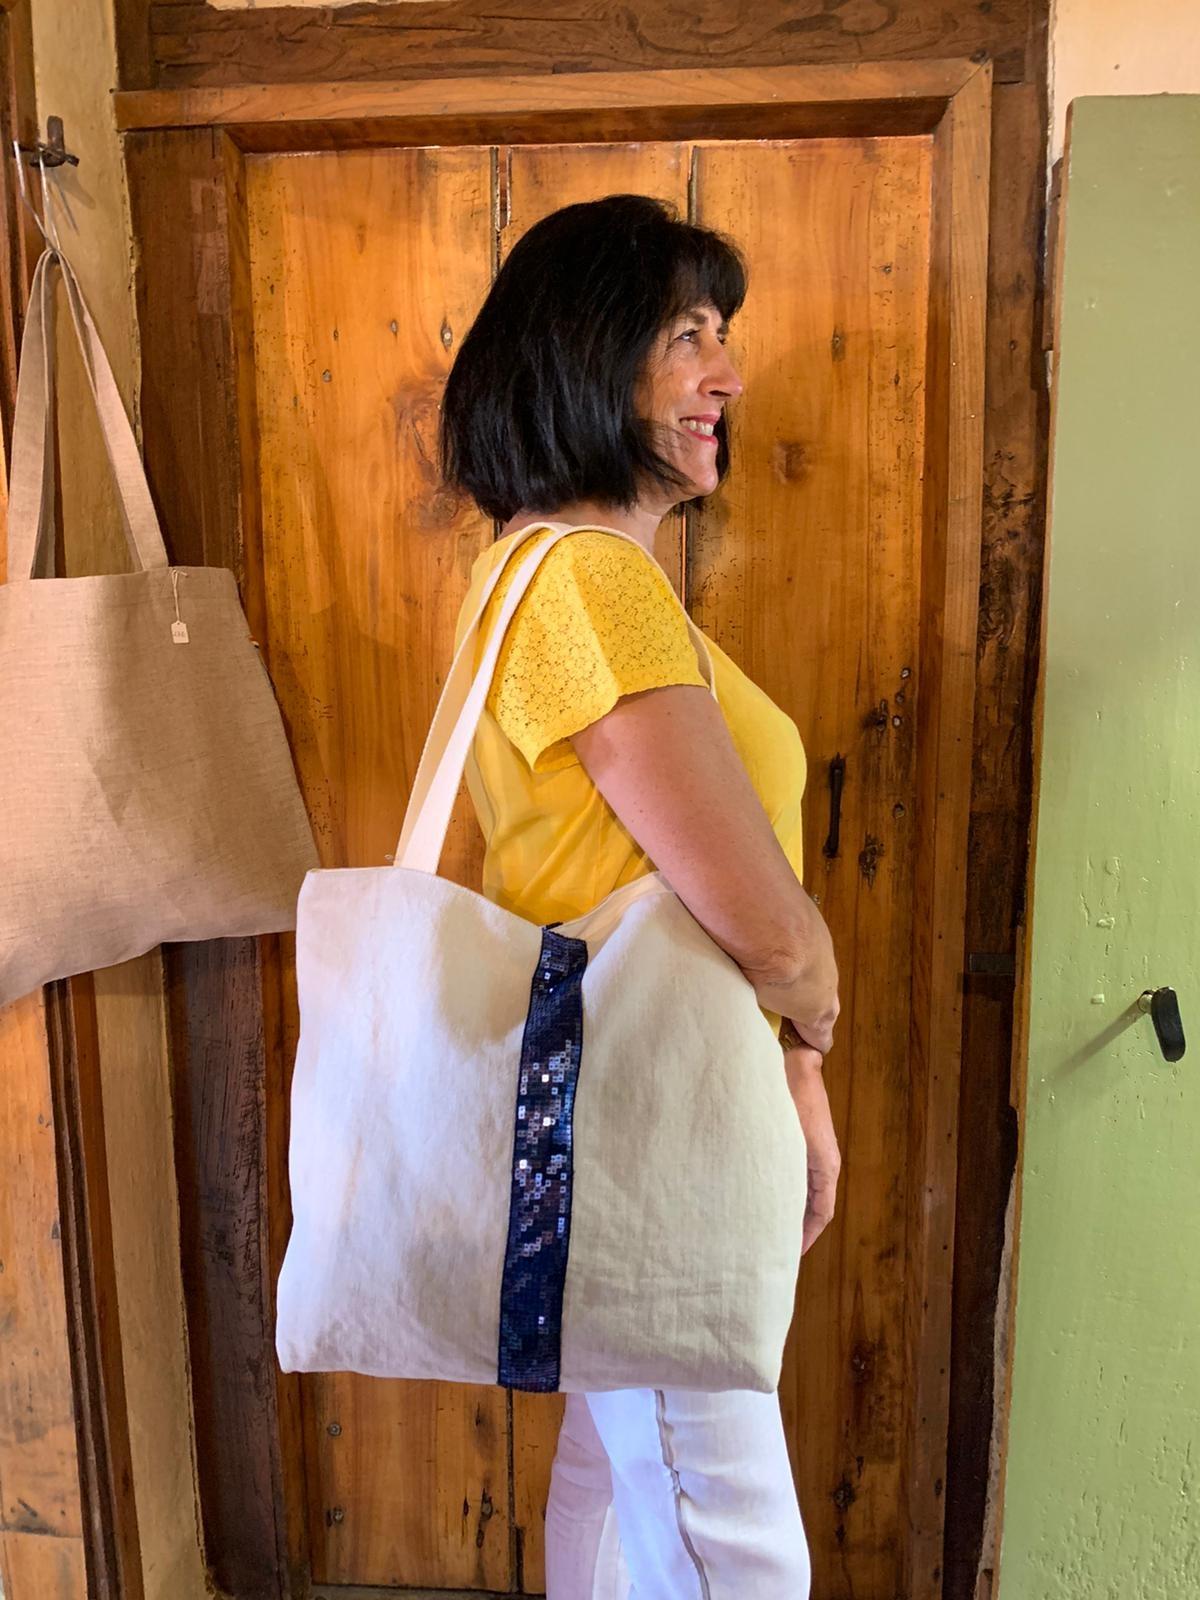 Le grenier du lin sac paillettes